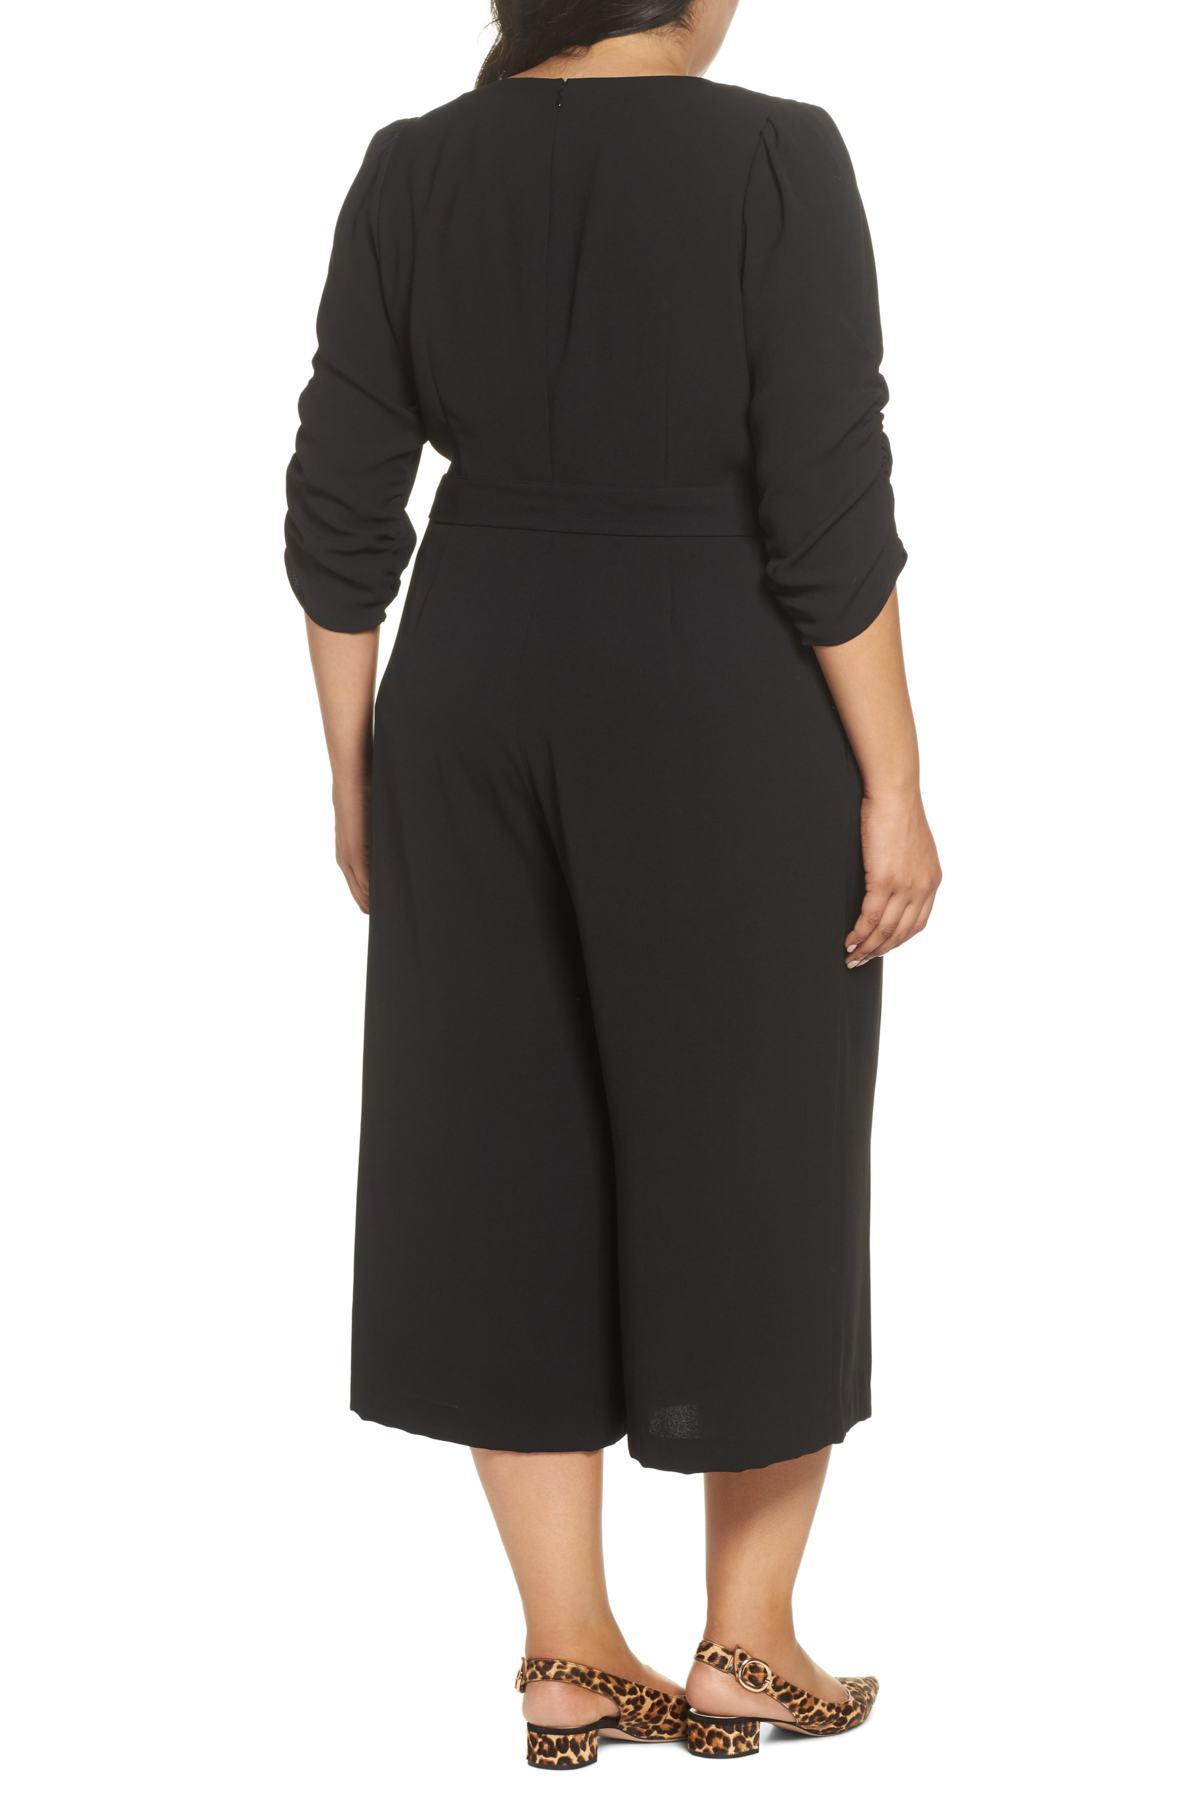 378e71764dc Eliza J - Black Surplice Ruched Sleeve Wide Leg Jumpsuit (plus Size) -  Lyst. View fullscreen